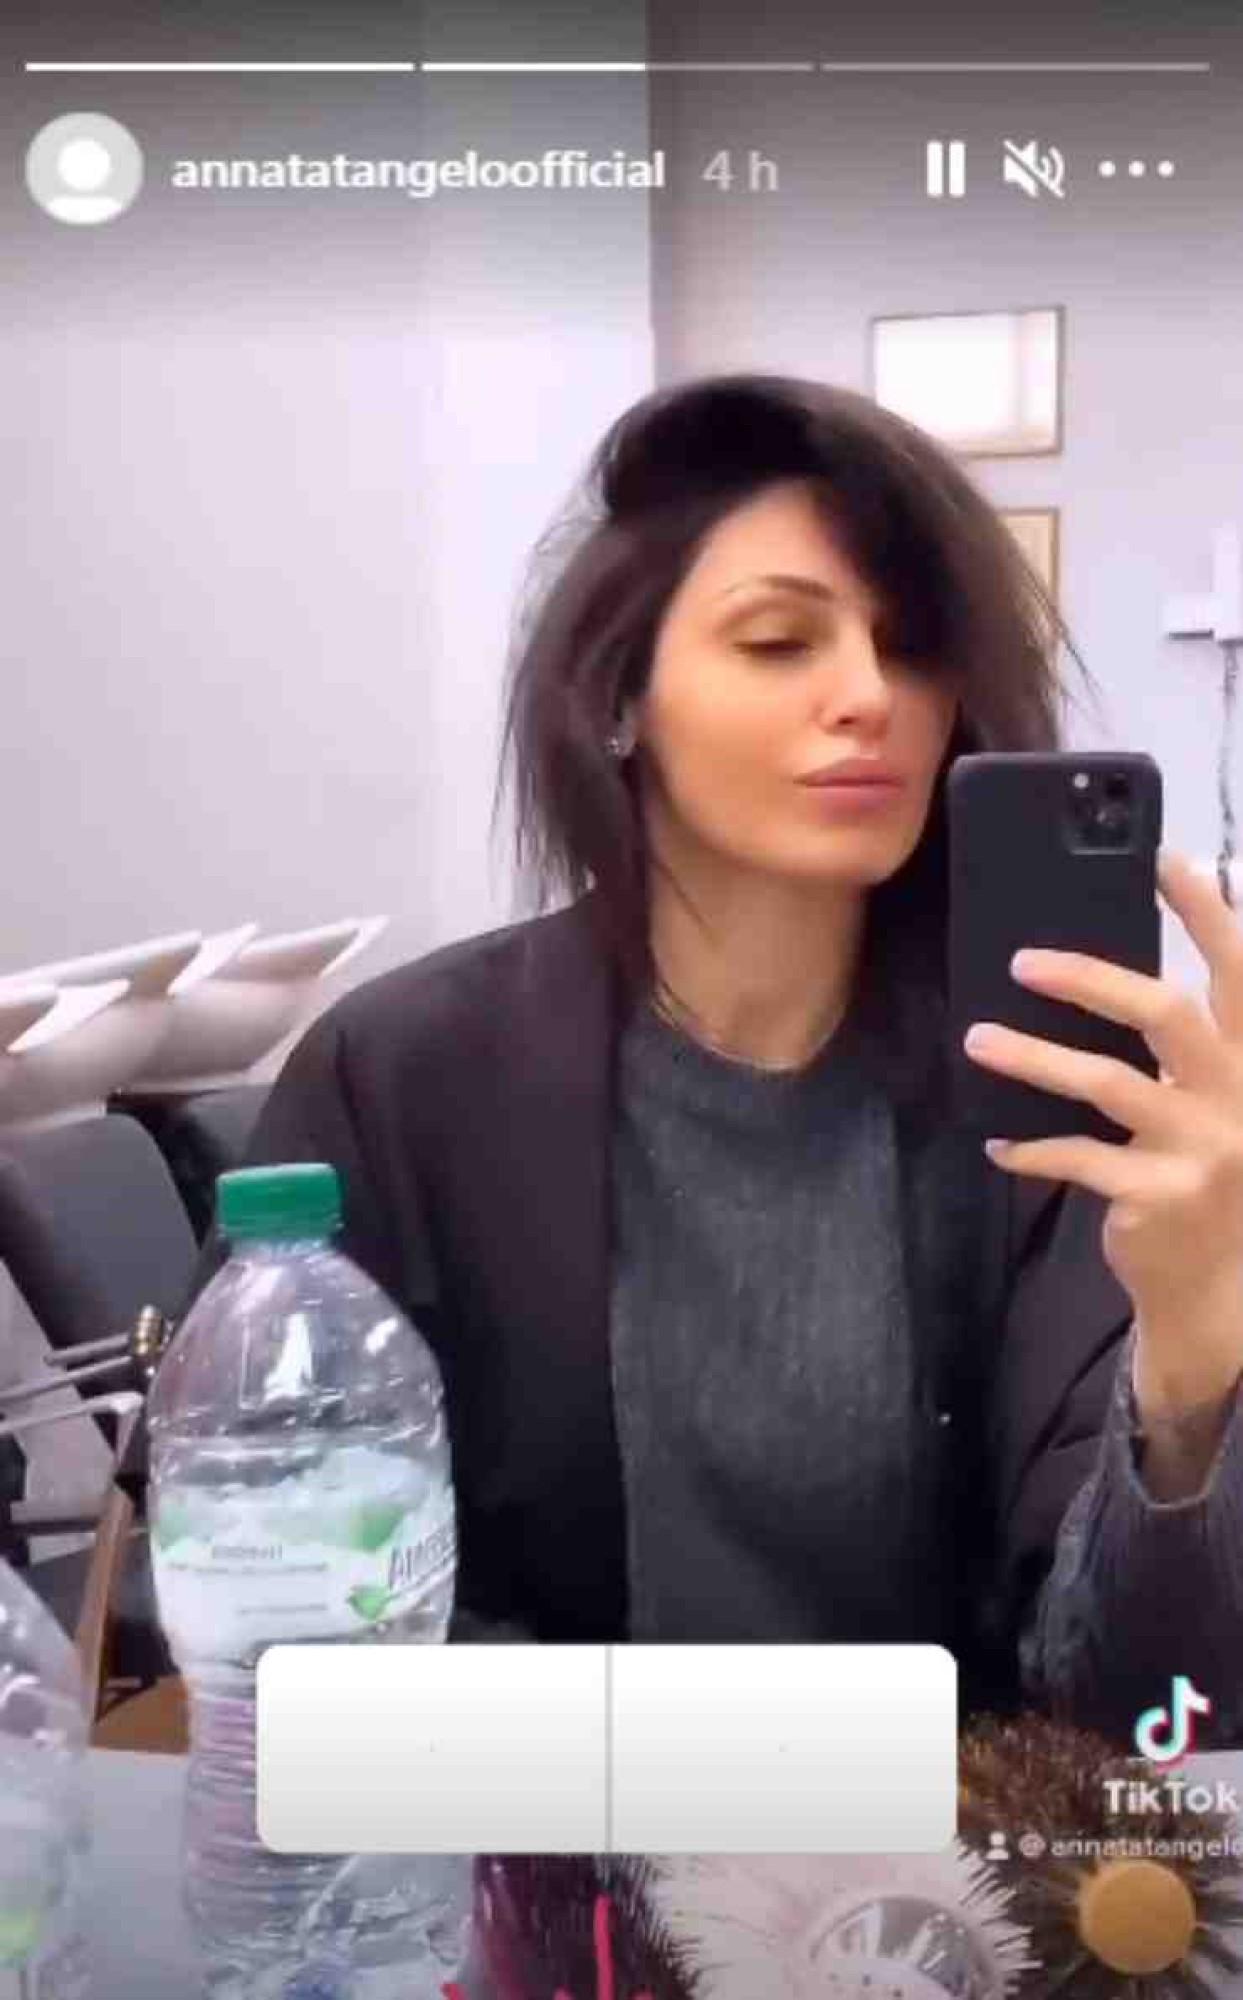 anna tatangelo look capelli colore nero biondo